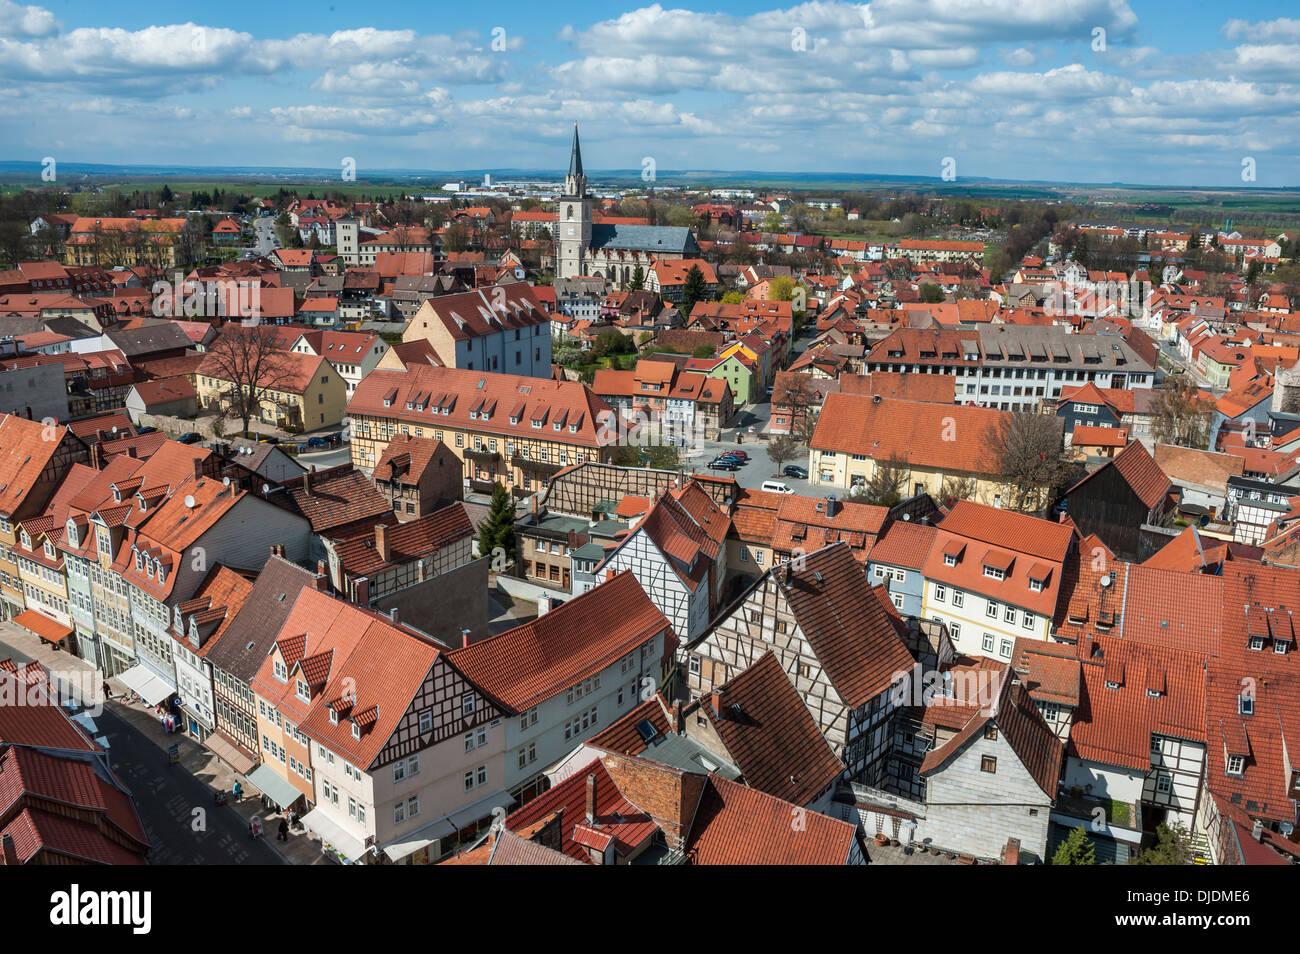 Il centro storico di Bad Langensalza, Turingia, Germania Immagini Stock